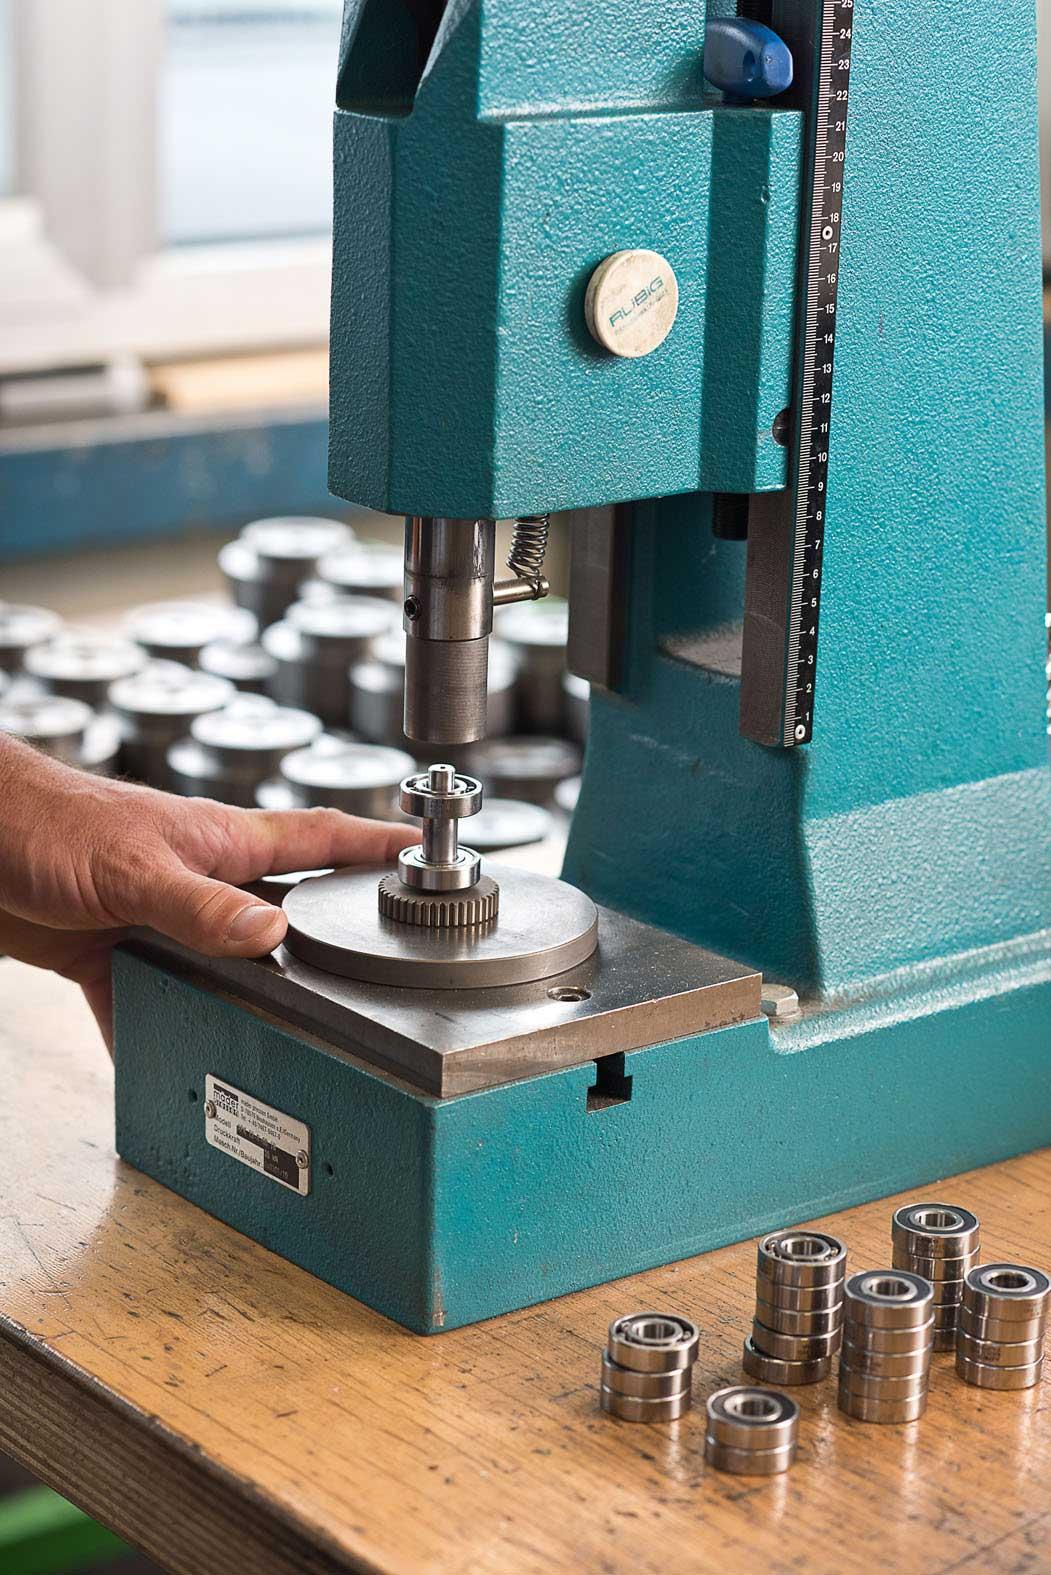 Neueder_Maschinenbau_Produktion_Montage